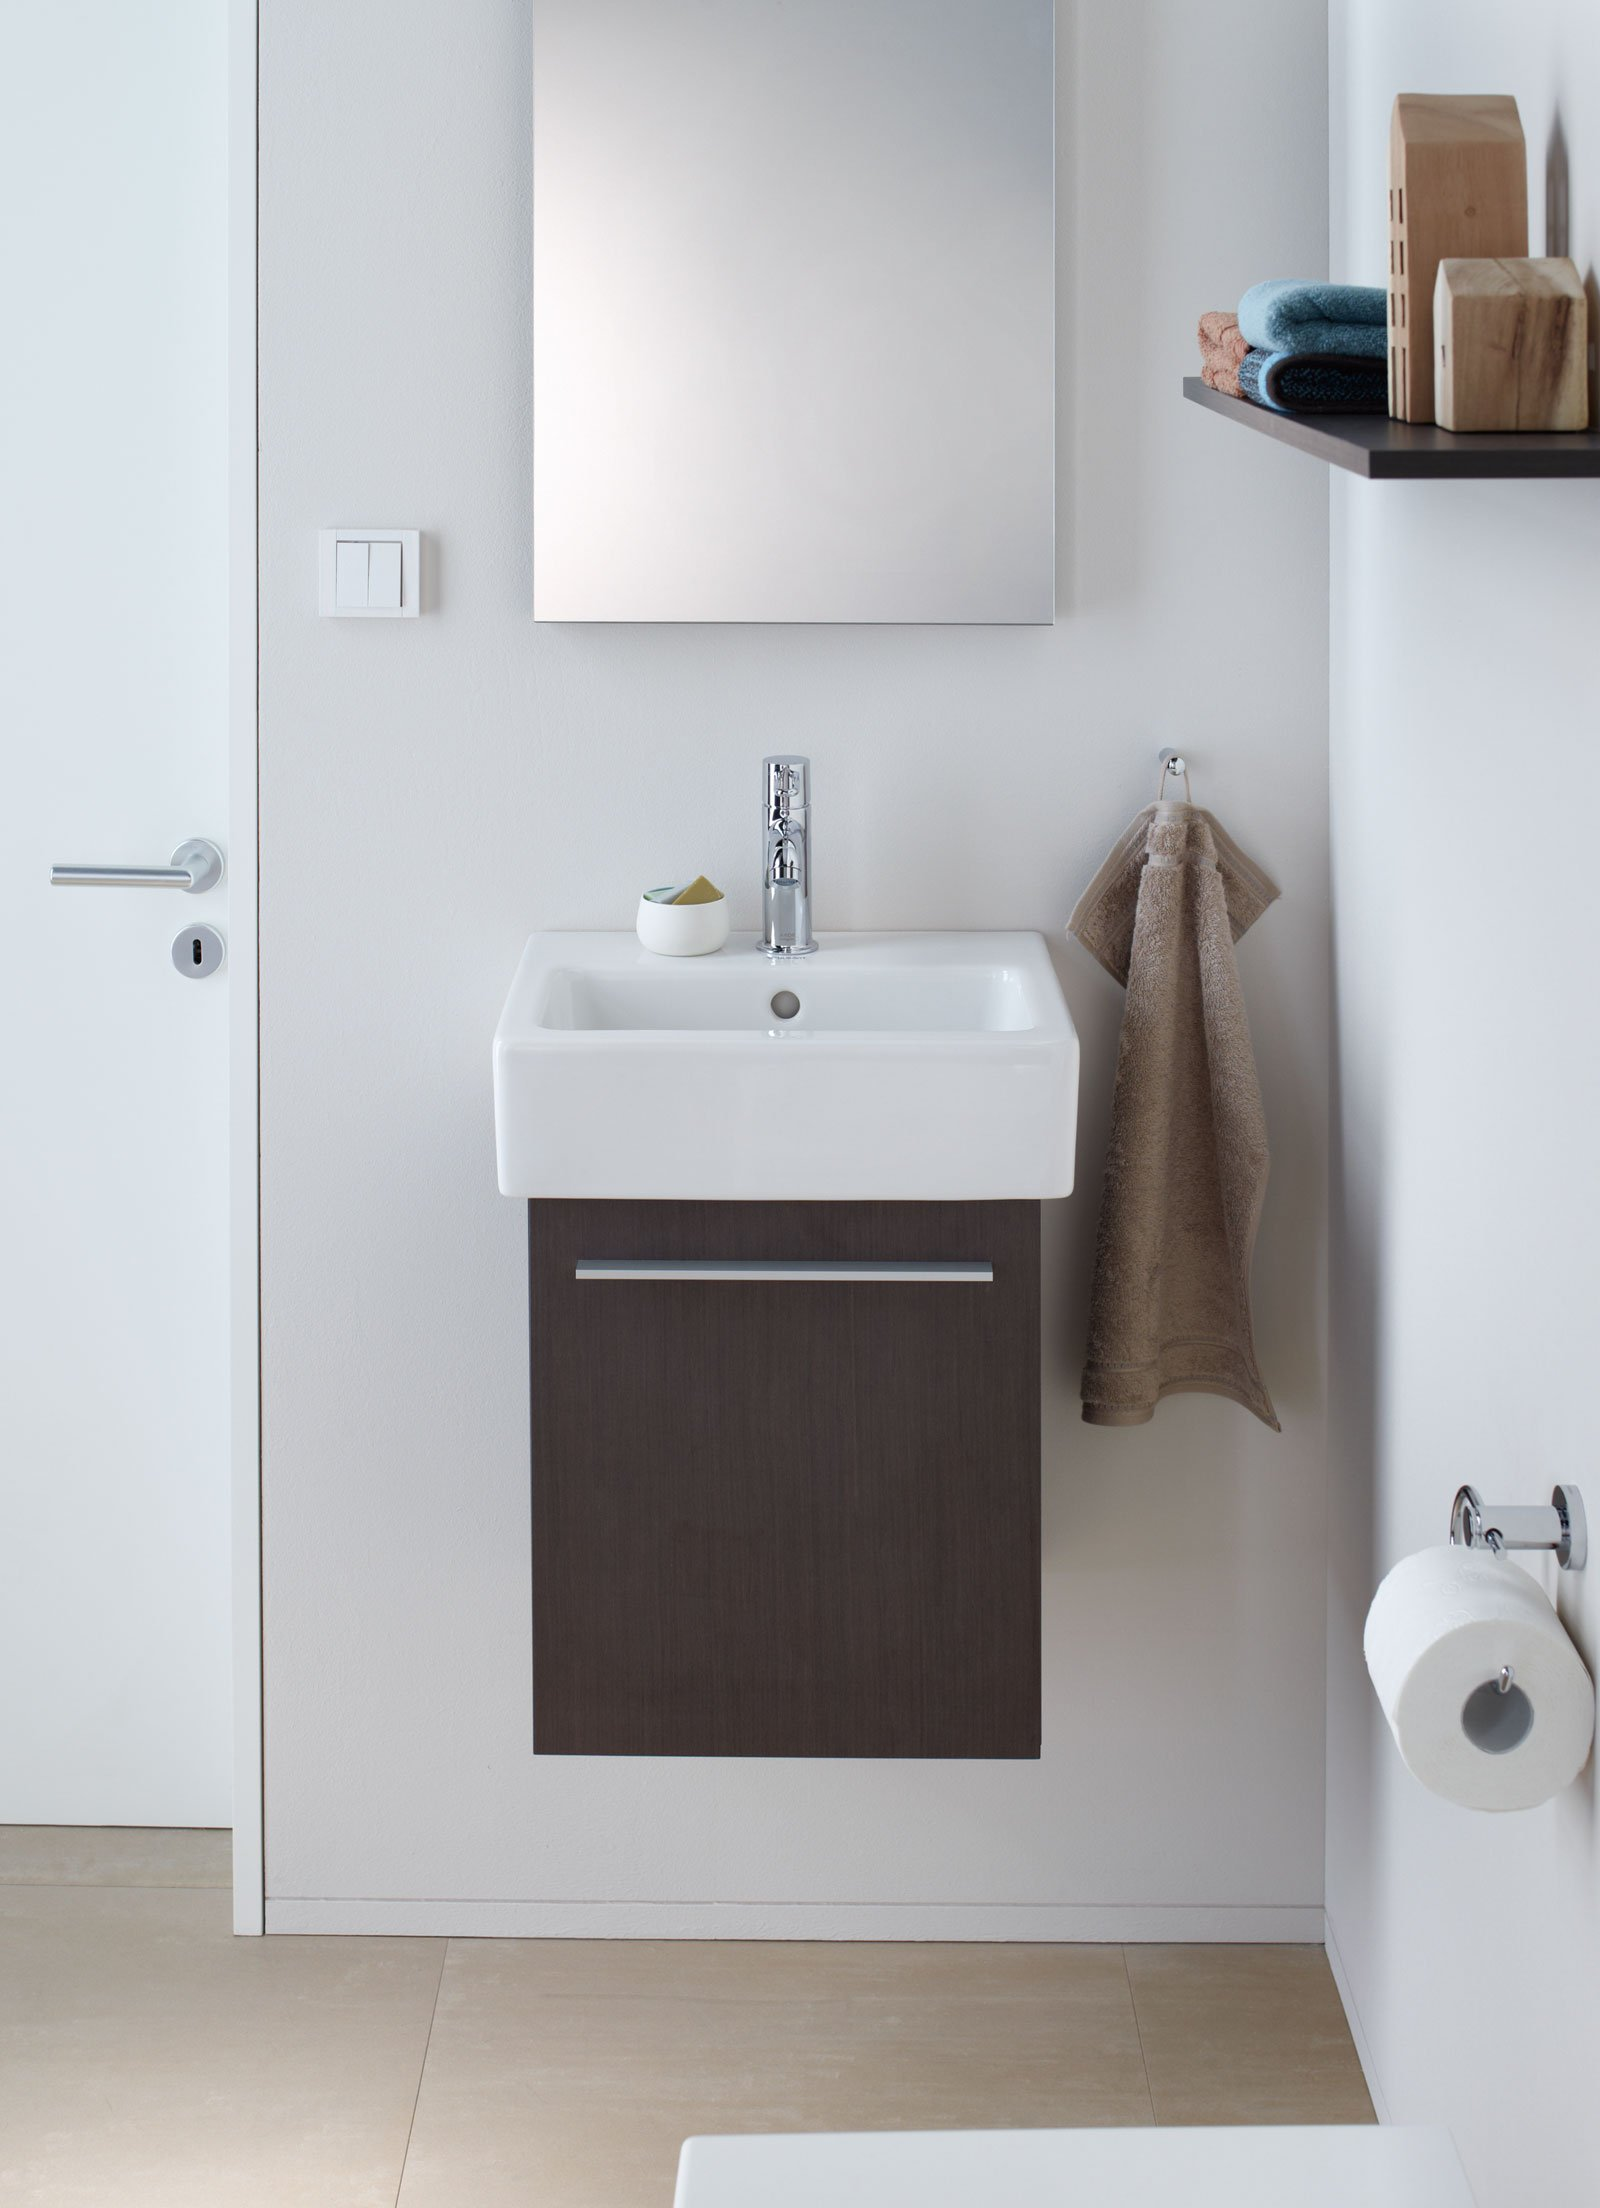 Mobili lavabo piccoli per risparmiare centimetri preziosi cose di casa - Mobile bagno doppio lavabo leroy merlin ...